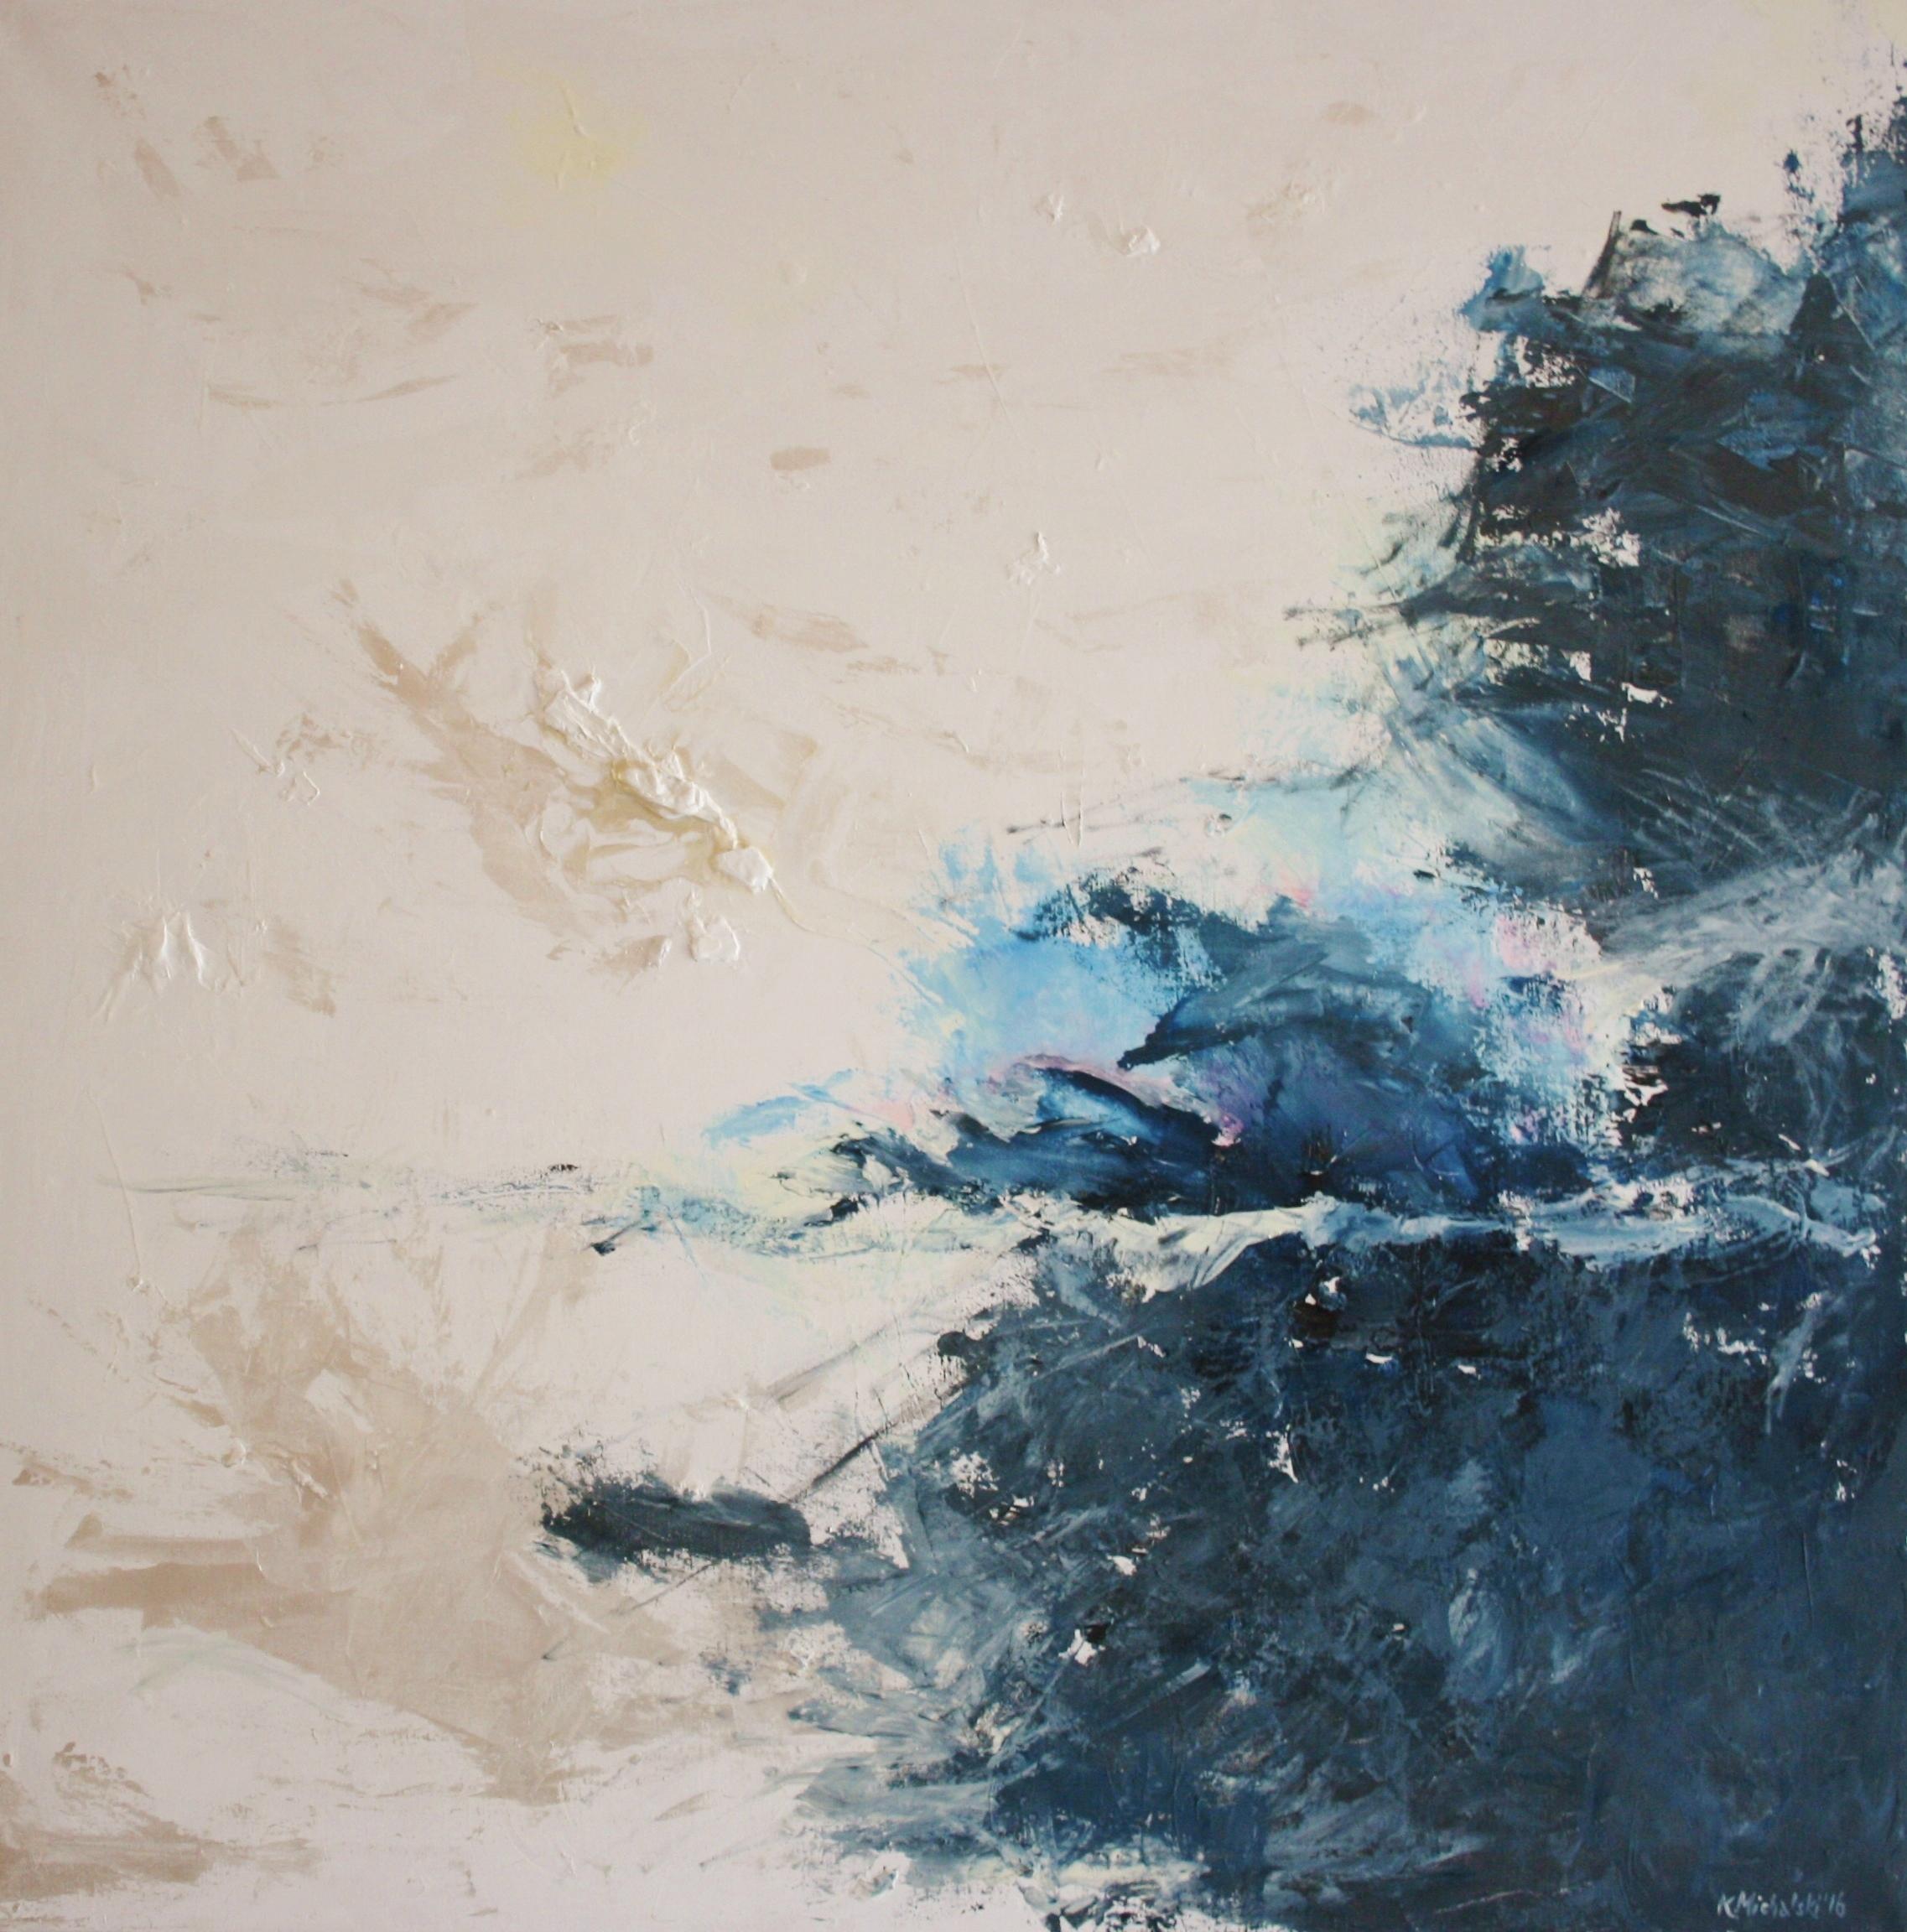 Sternennacht, 2016, 100 x 100, Acryl auf Leinwand